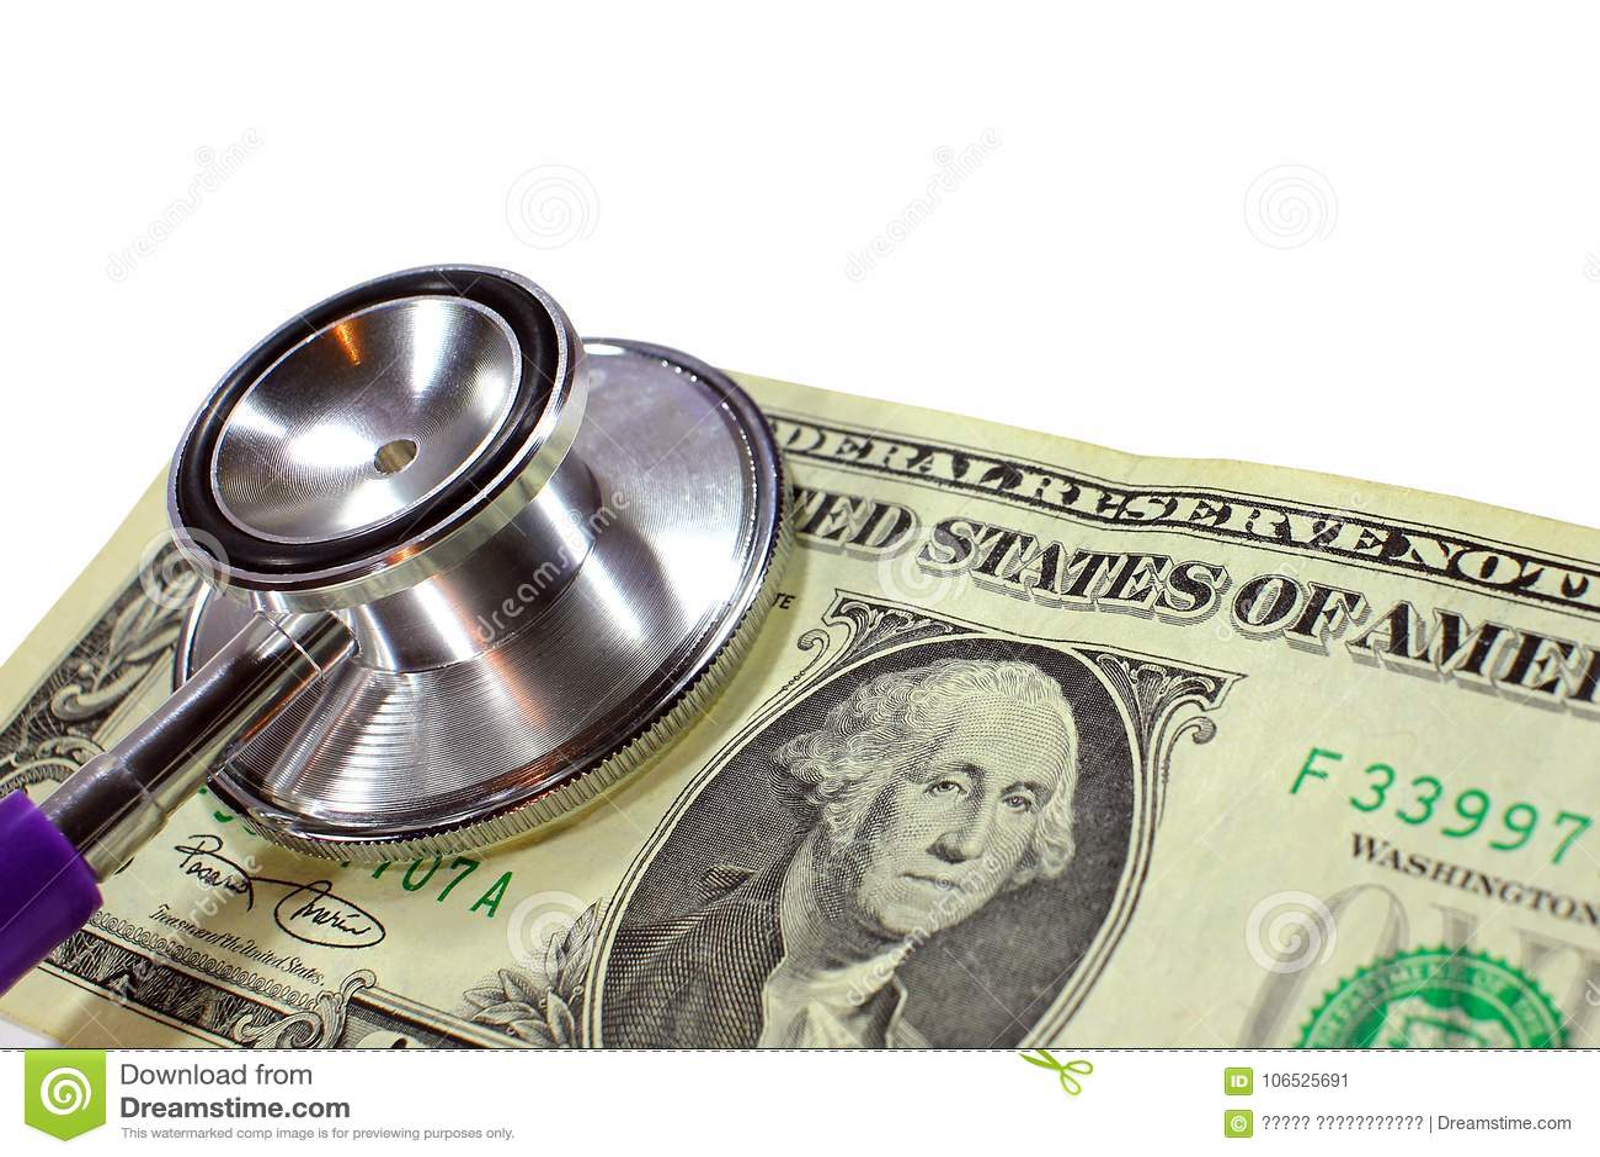 Stetoskopdollar, förbrukning på hälsa eller ekonomiskt stöd